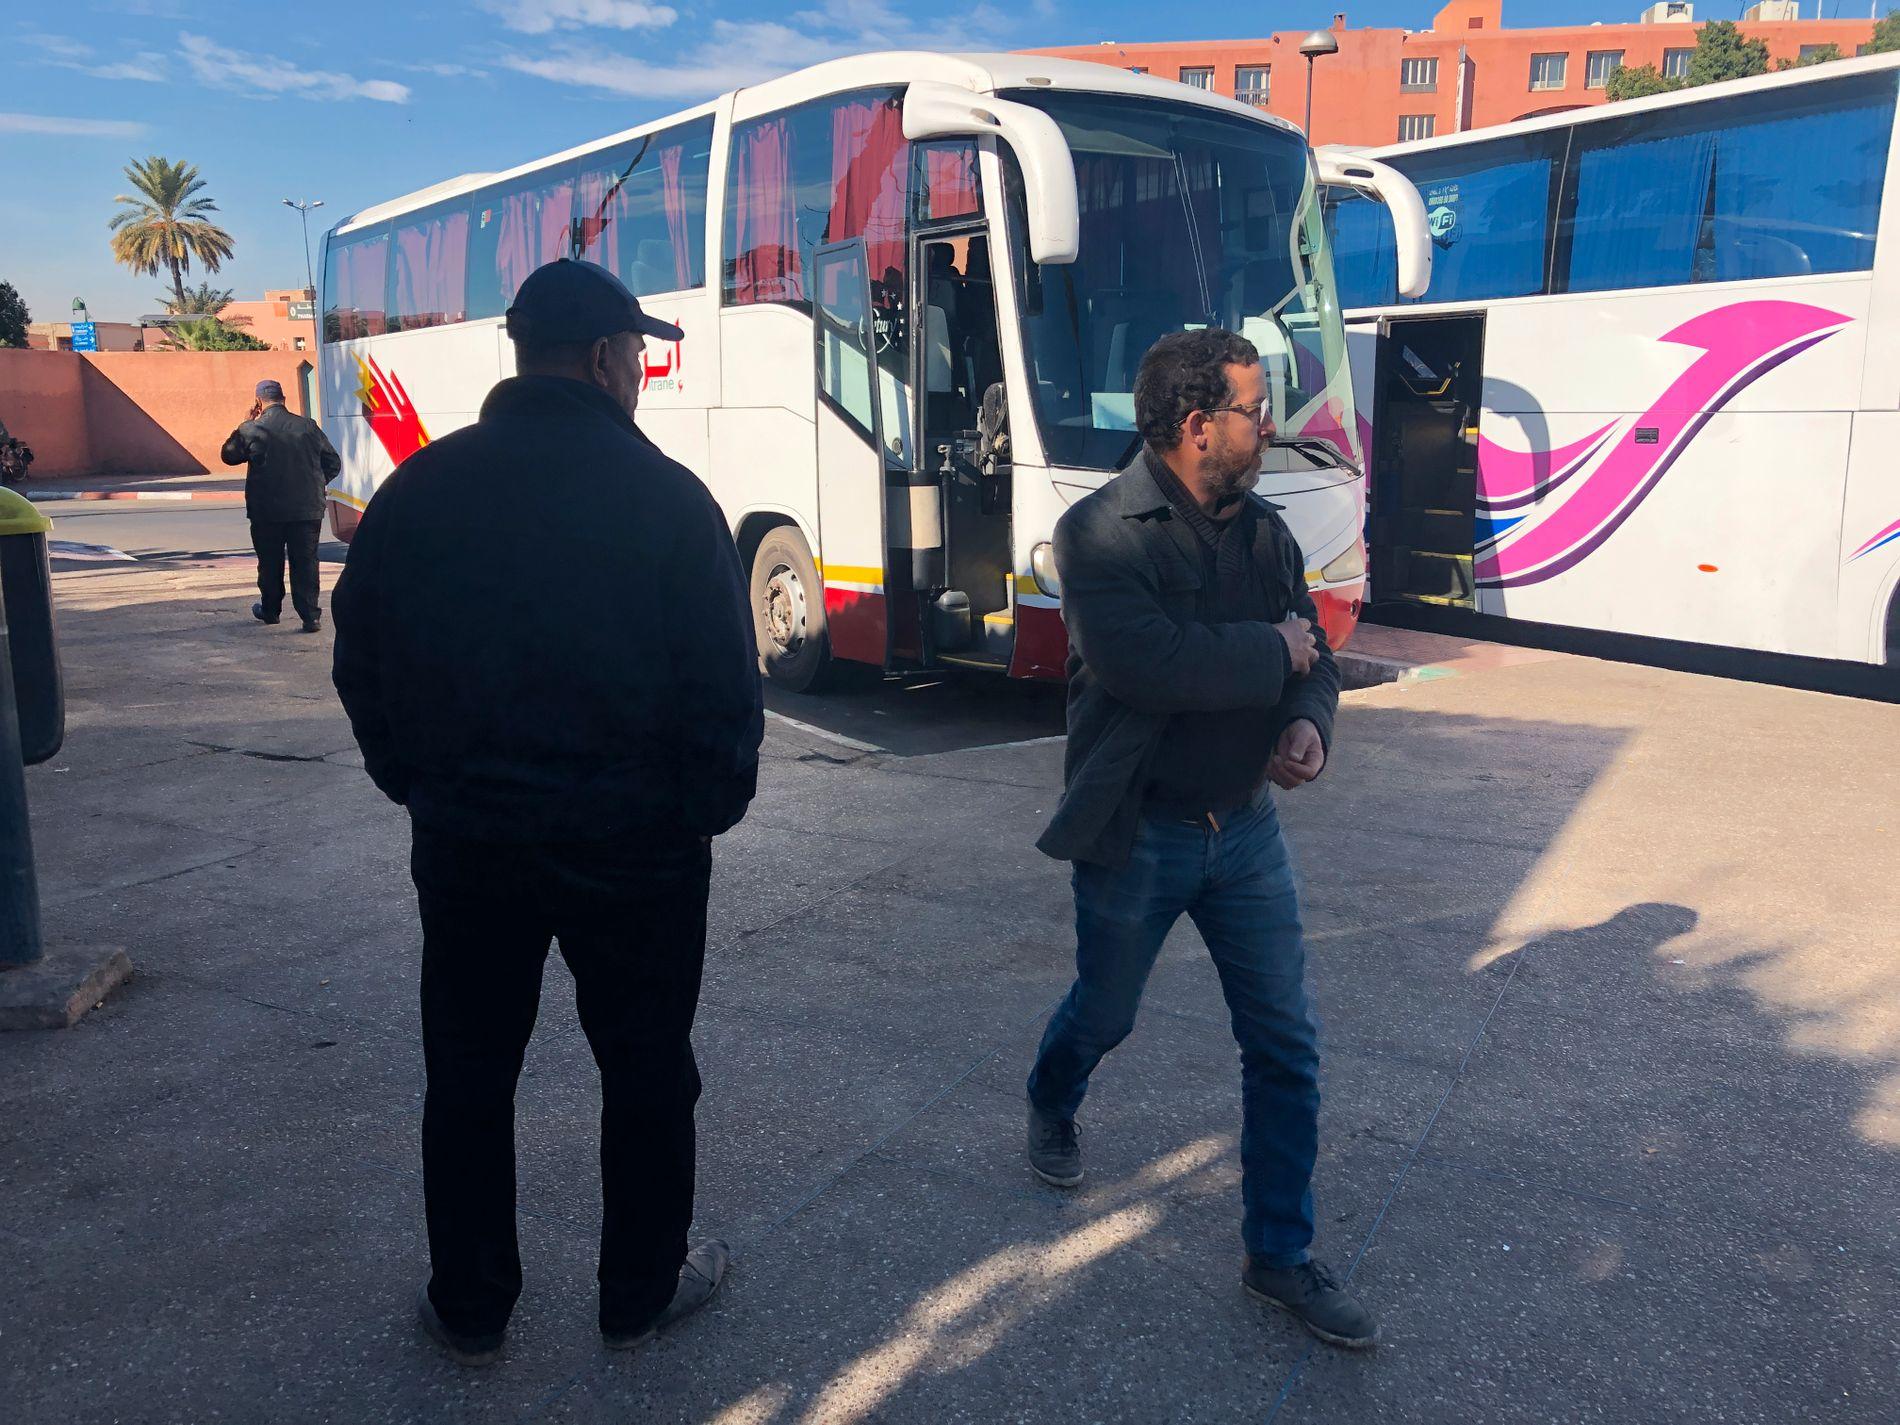 STIKKE AV: På denne bussen, som skulle kjøre fra Marrakech til Agadir, ble de tre mennene pågrepet.